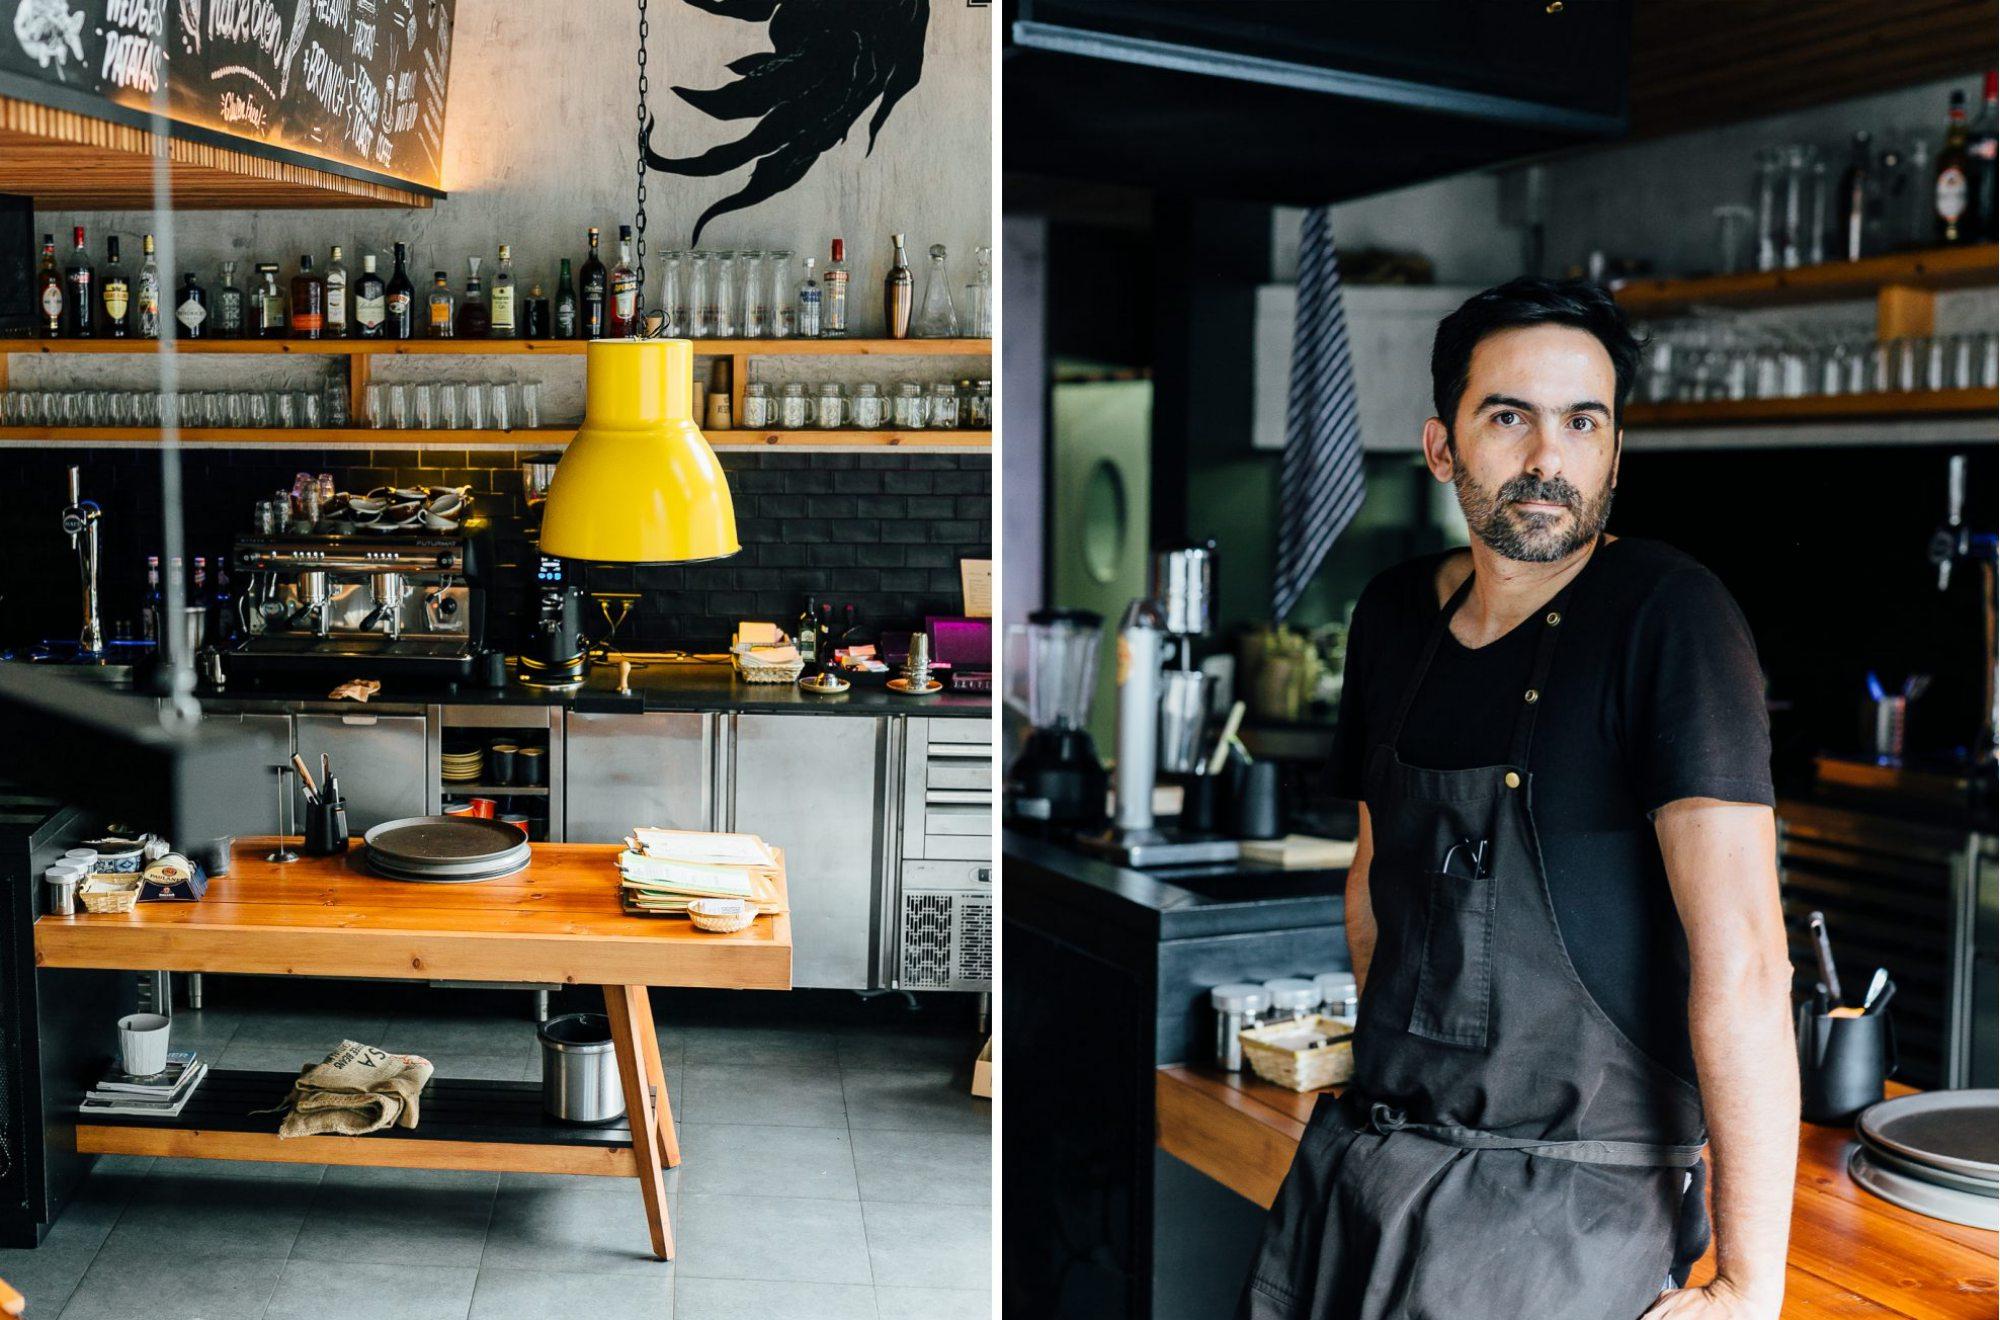 El chef argentino Nico Circo le da un punto casero a todos los platos en un local con estética industrial. Foto: DooBop.